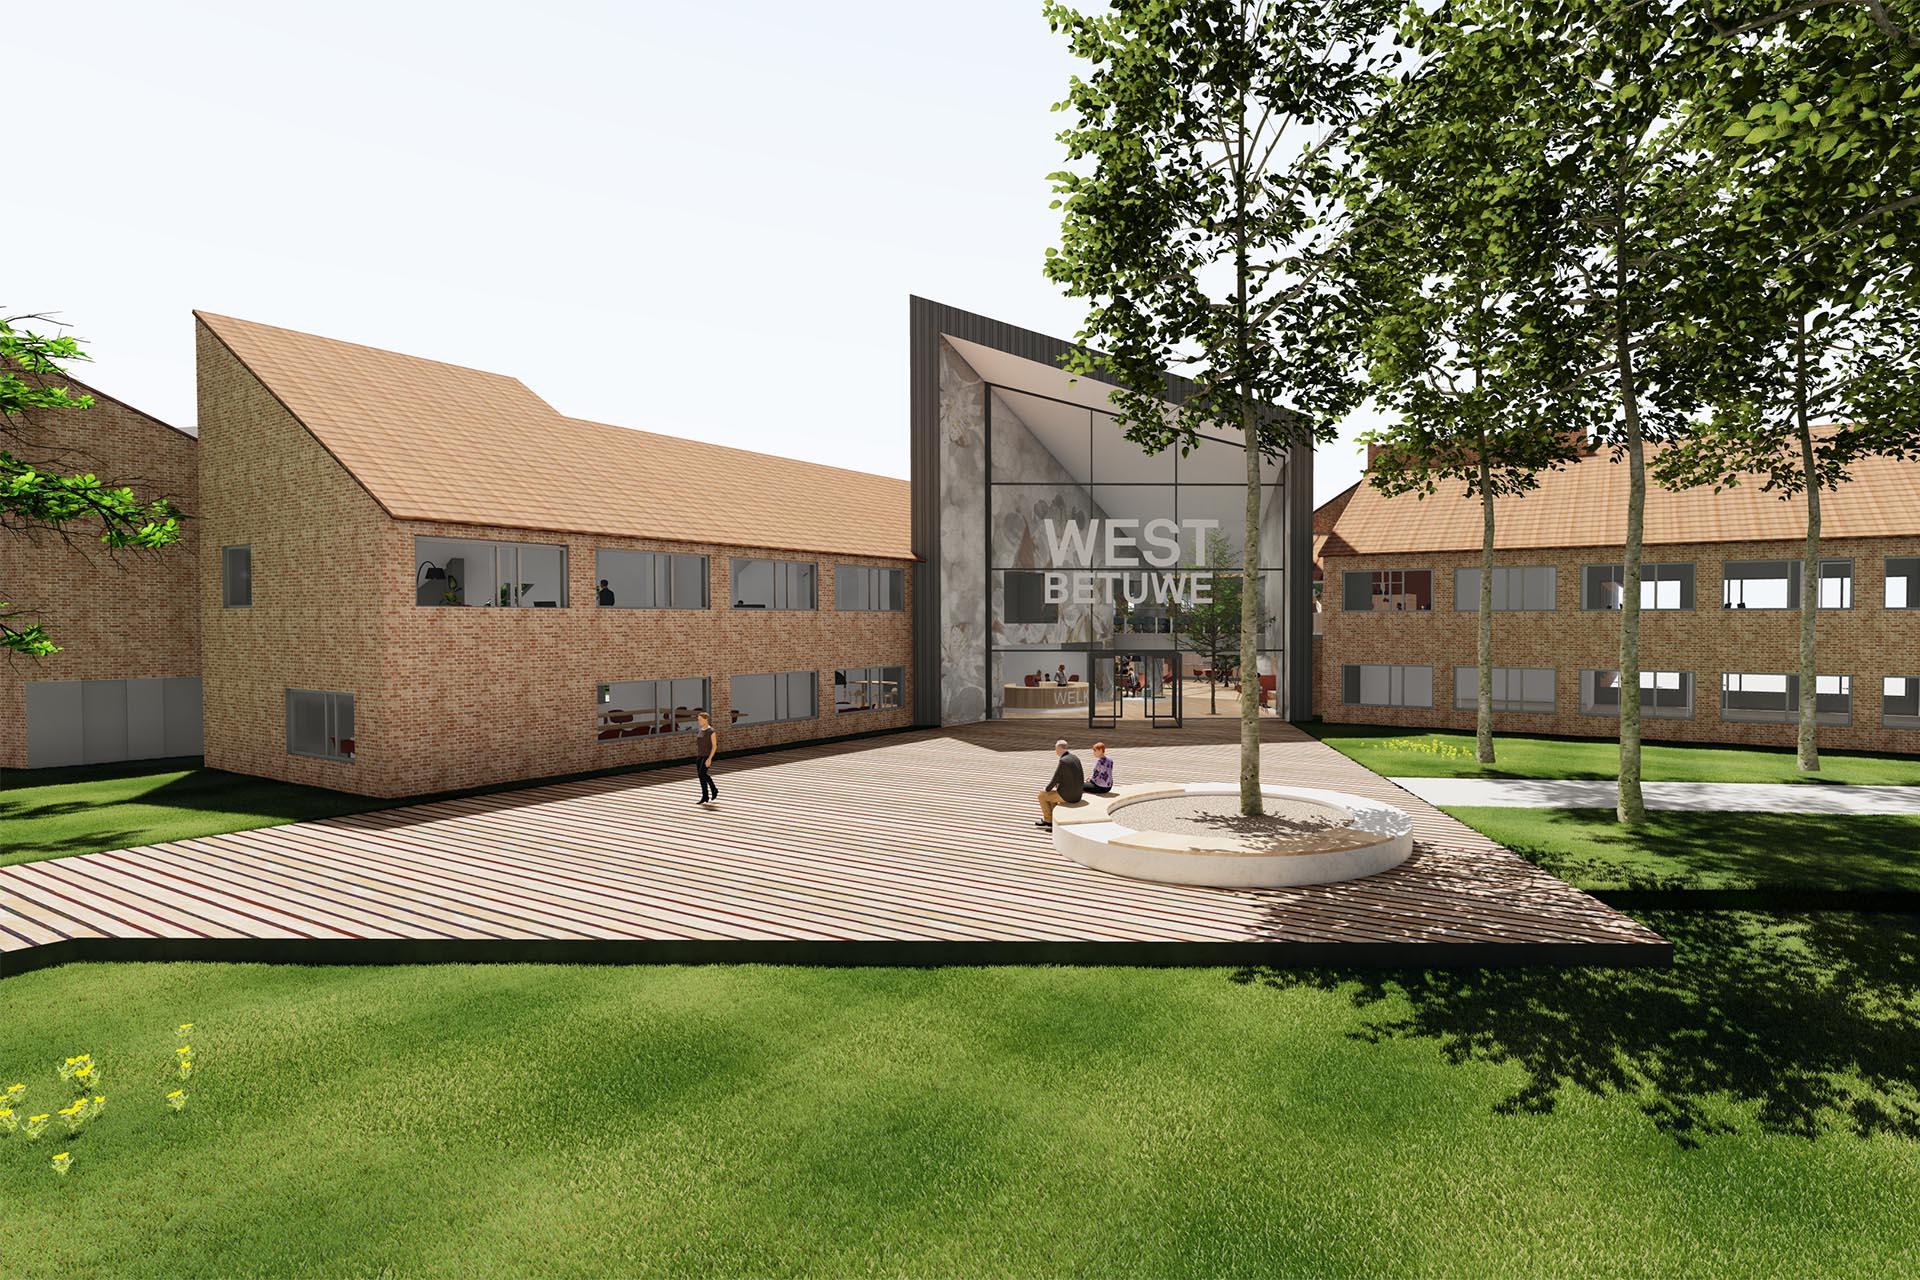 Een ontwerpvoorstel van ZENBER Architecten voor het gemeentehuis West Betuwe